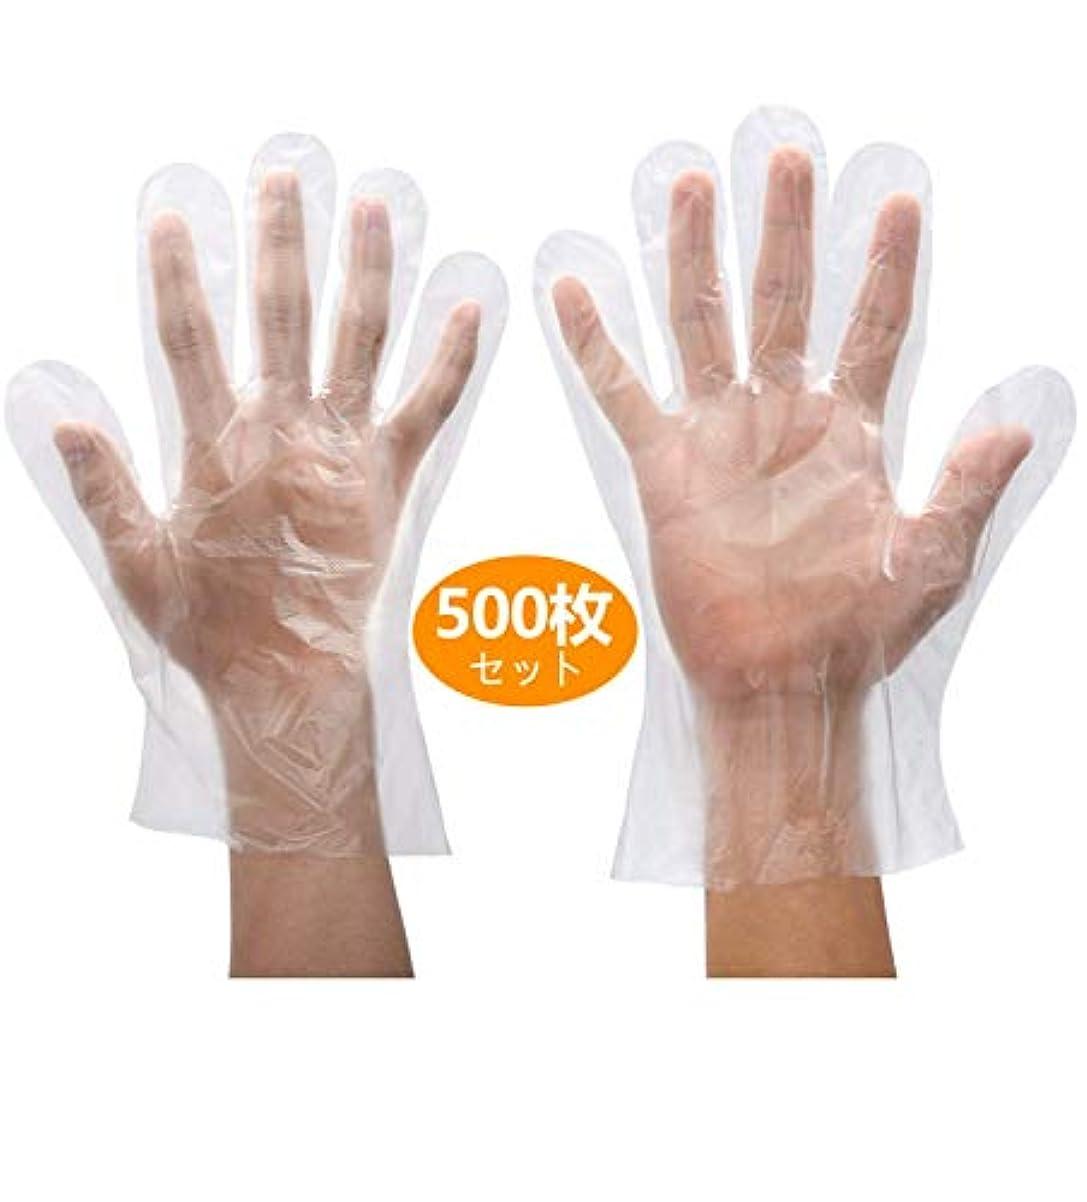 冬価格隣接使い捨て手袋 500枚セット ポリエチレン手袋 極薄ビニール手袋 透明 実用 使いきり手袋 極薄手袋 disposable gloves 極うす手 食品衛生法適合